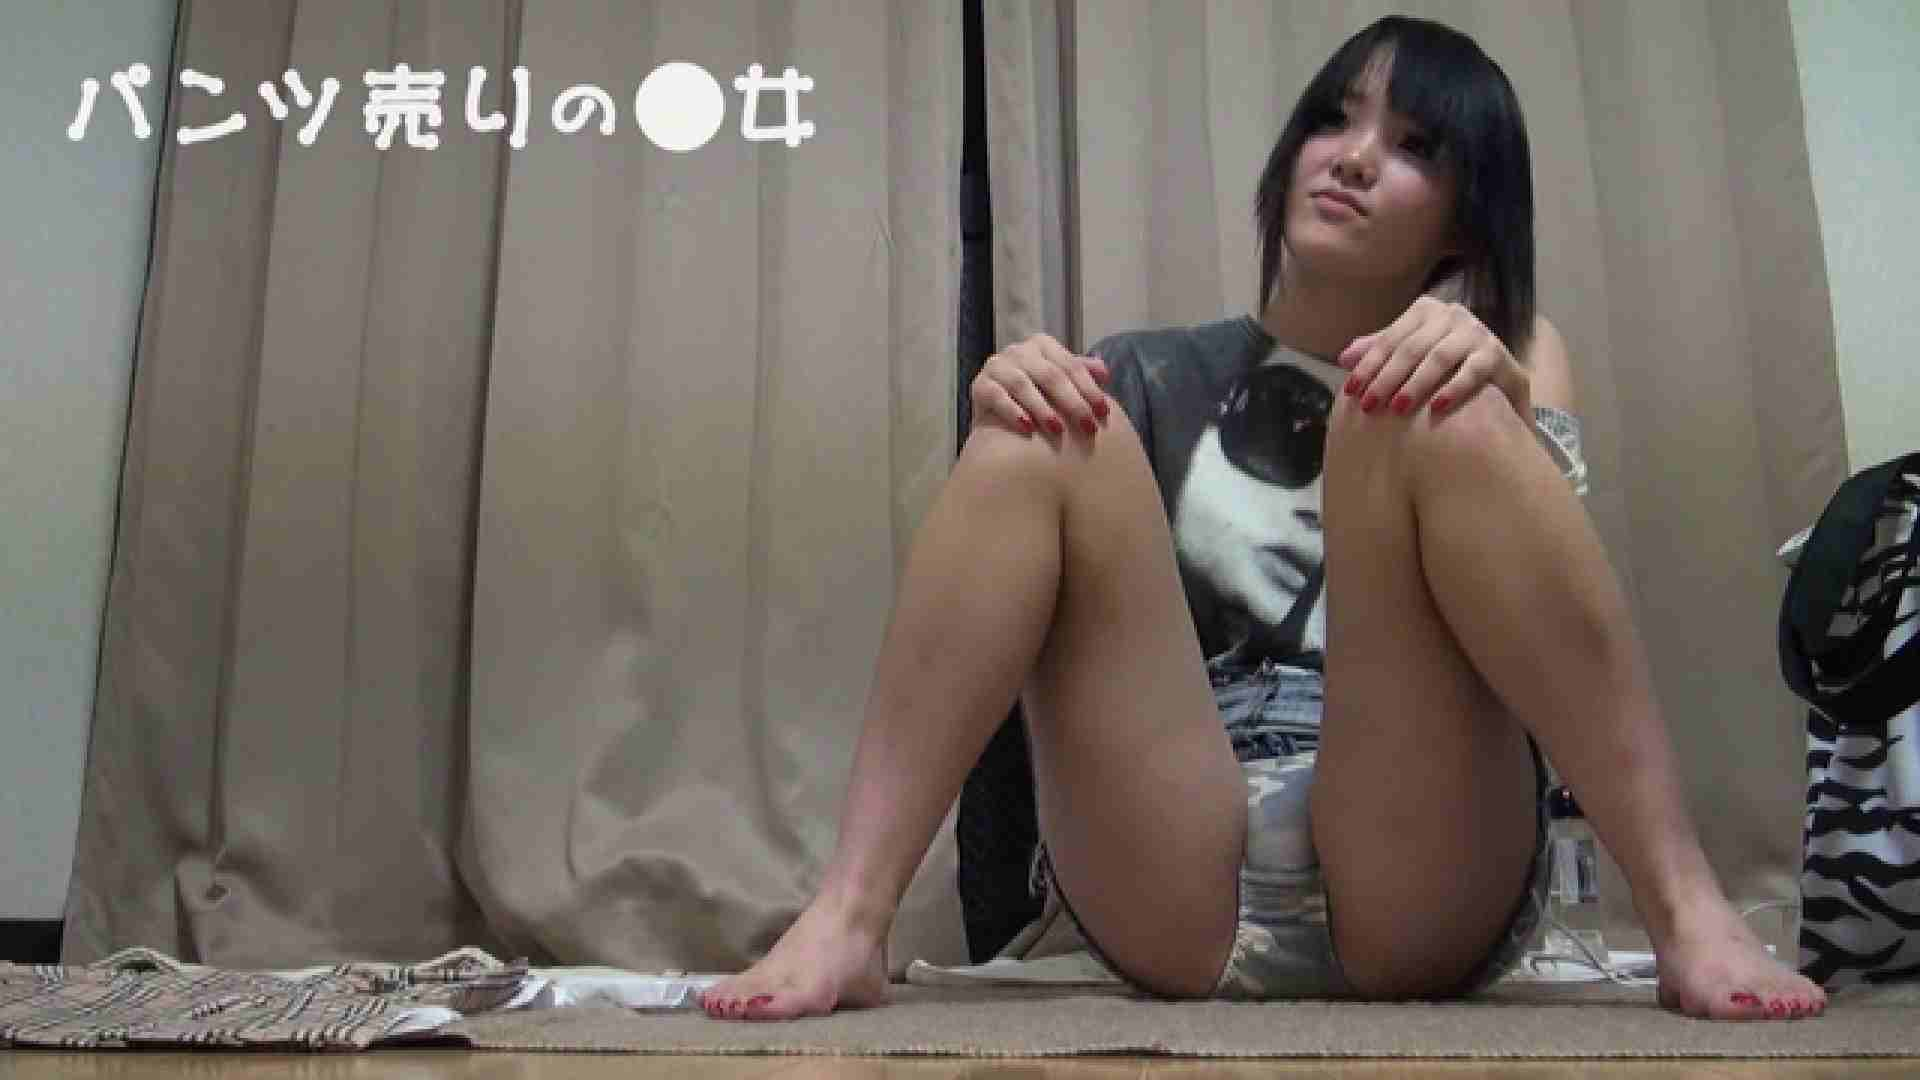 新説 パンツ売りの女の子mizuki02 覗き | 超エロギャル  89枚 11